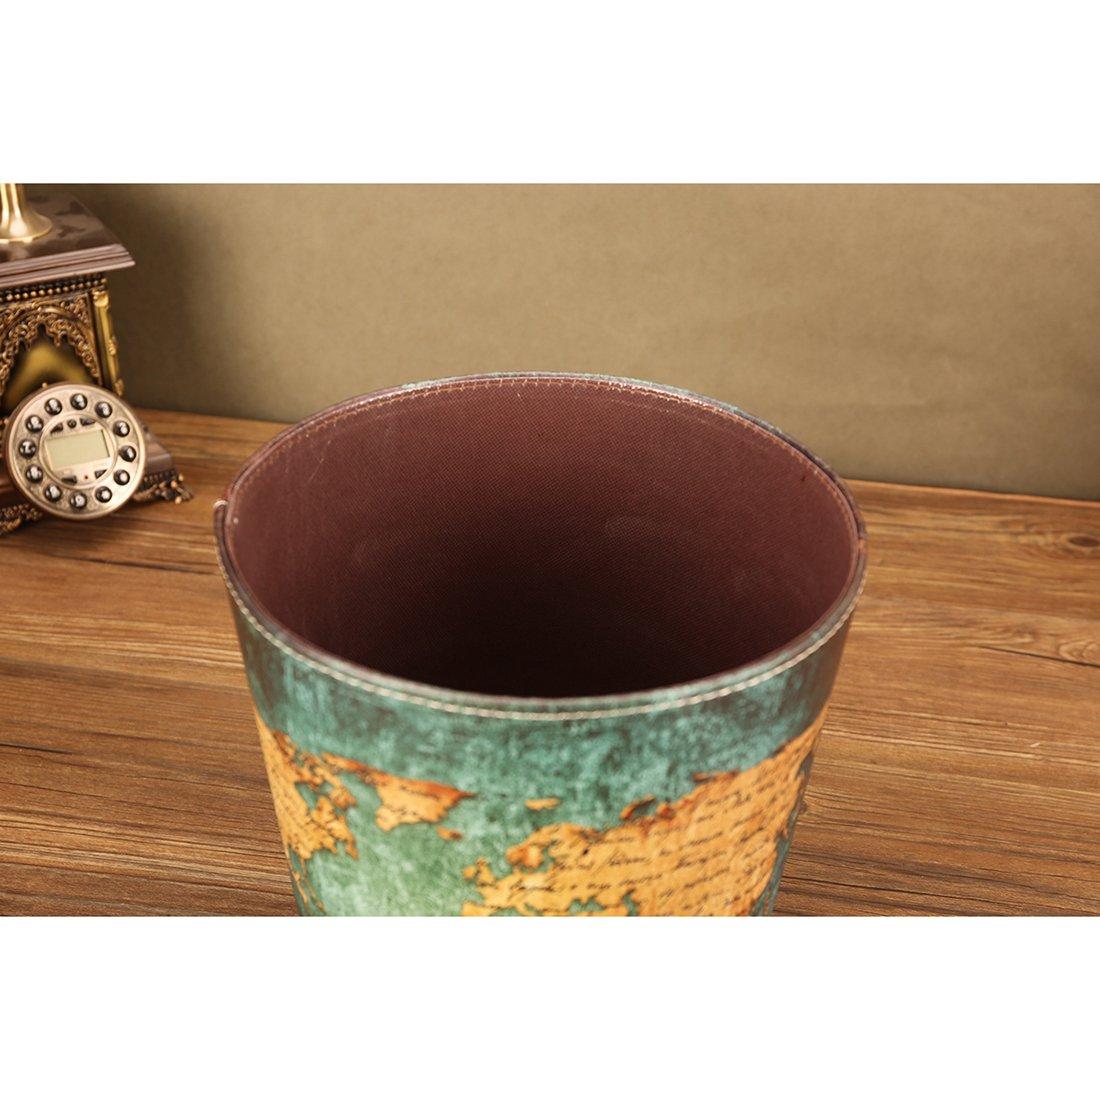 Cubo de Basura Foxom Impermeable Papelera Oficina Sin Tapa Cubo De Basura Para Ba/ño y Cocina 25X25X27cm Dise/ño De Mapa